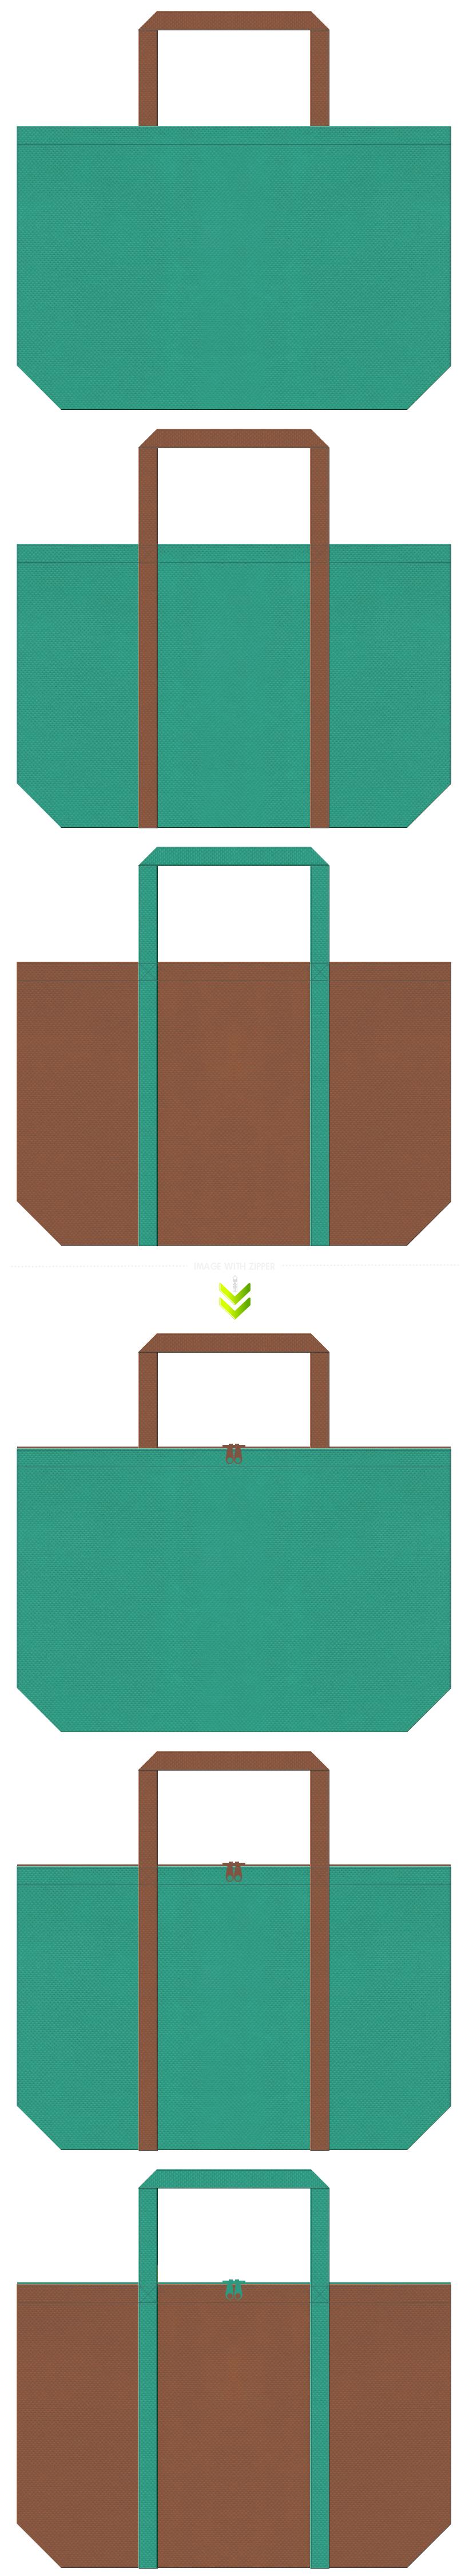 青緑色と茶色の不織布エコバッグのデザイン。